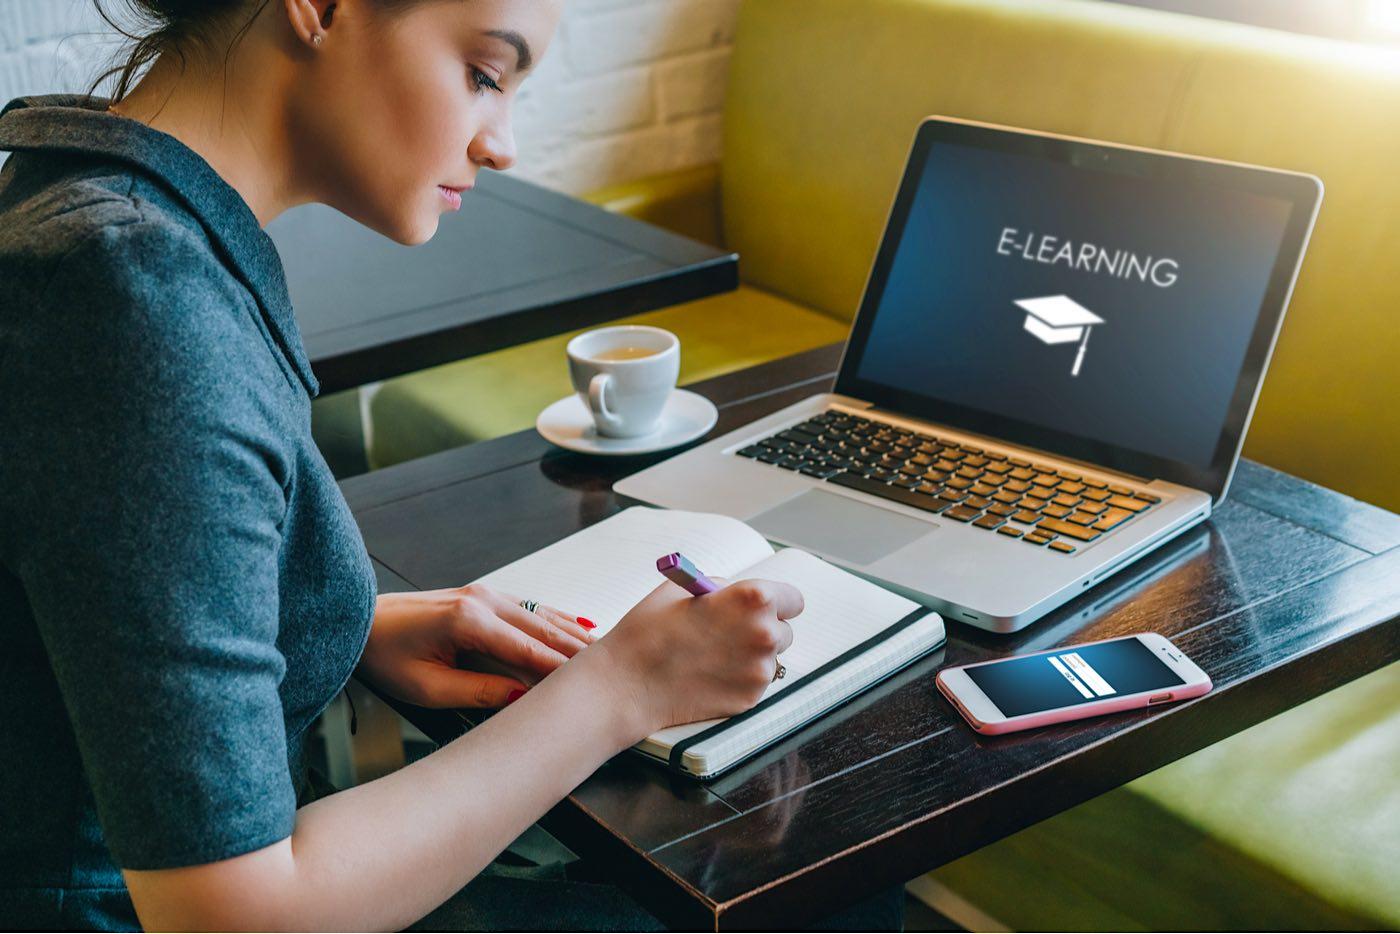 Se espera que la industria del e-Learning alcance los $350.000 millones en 2025